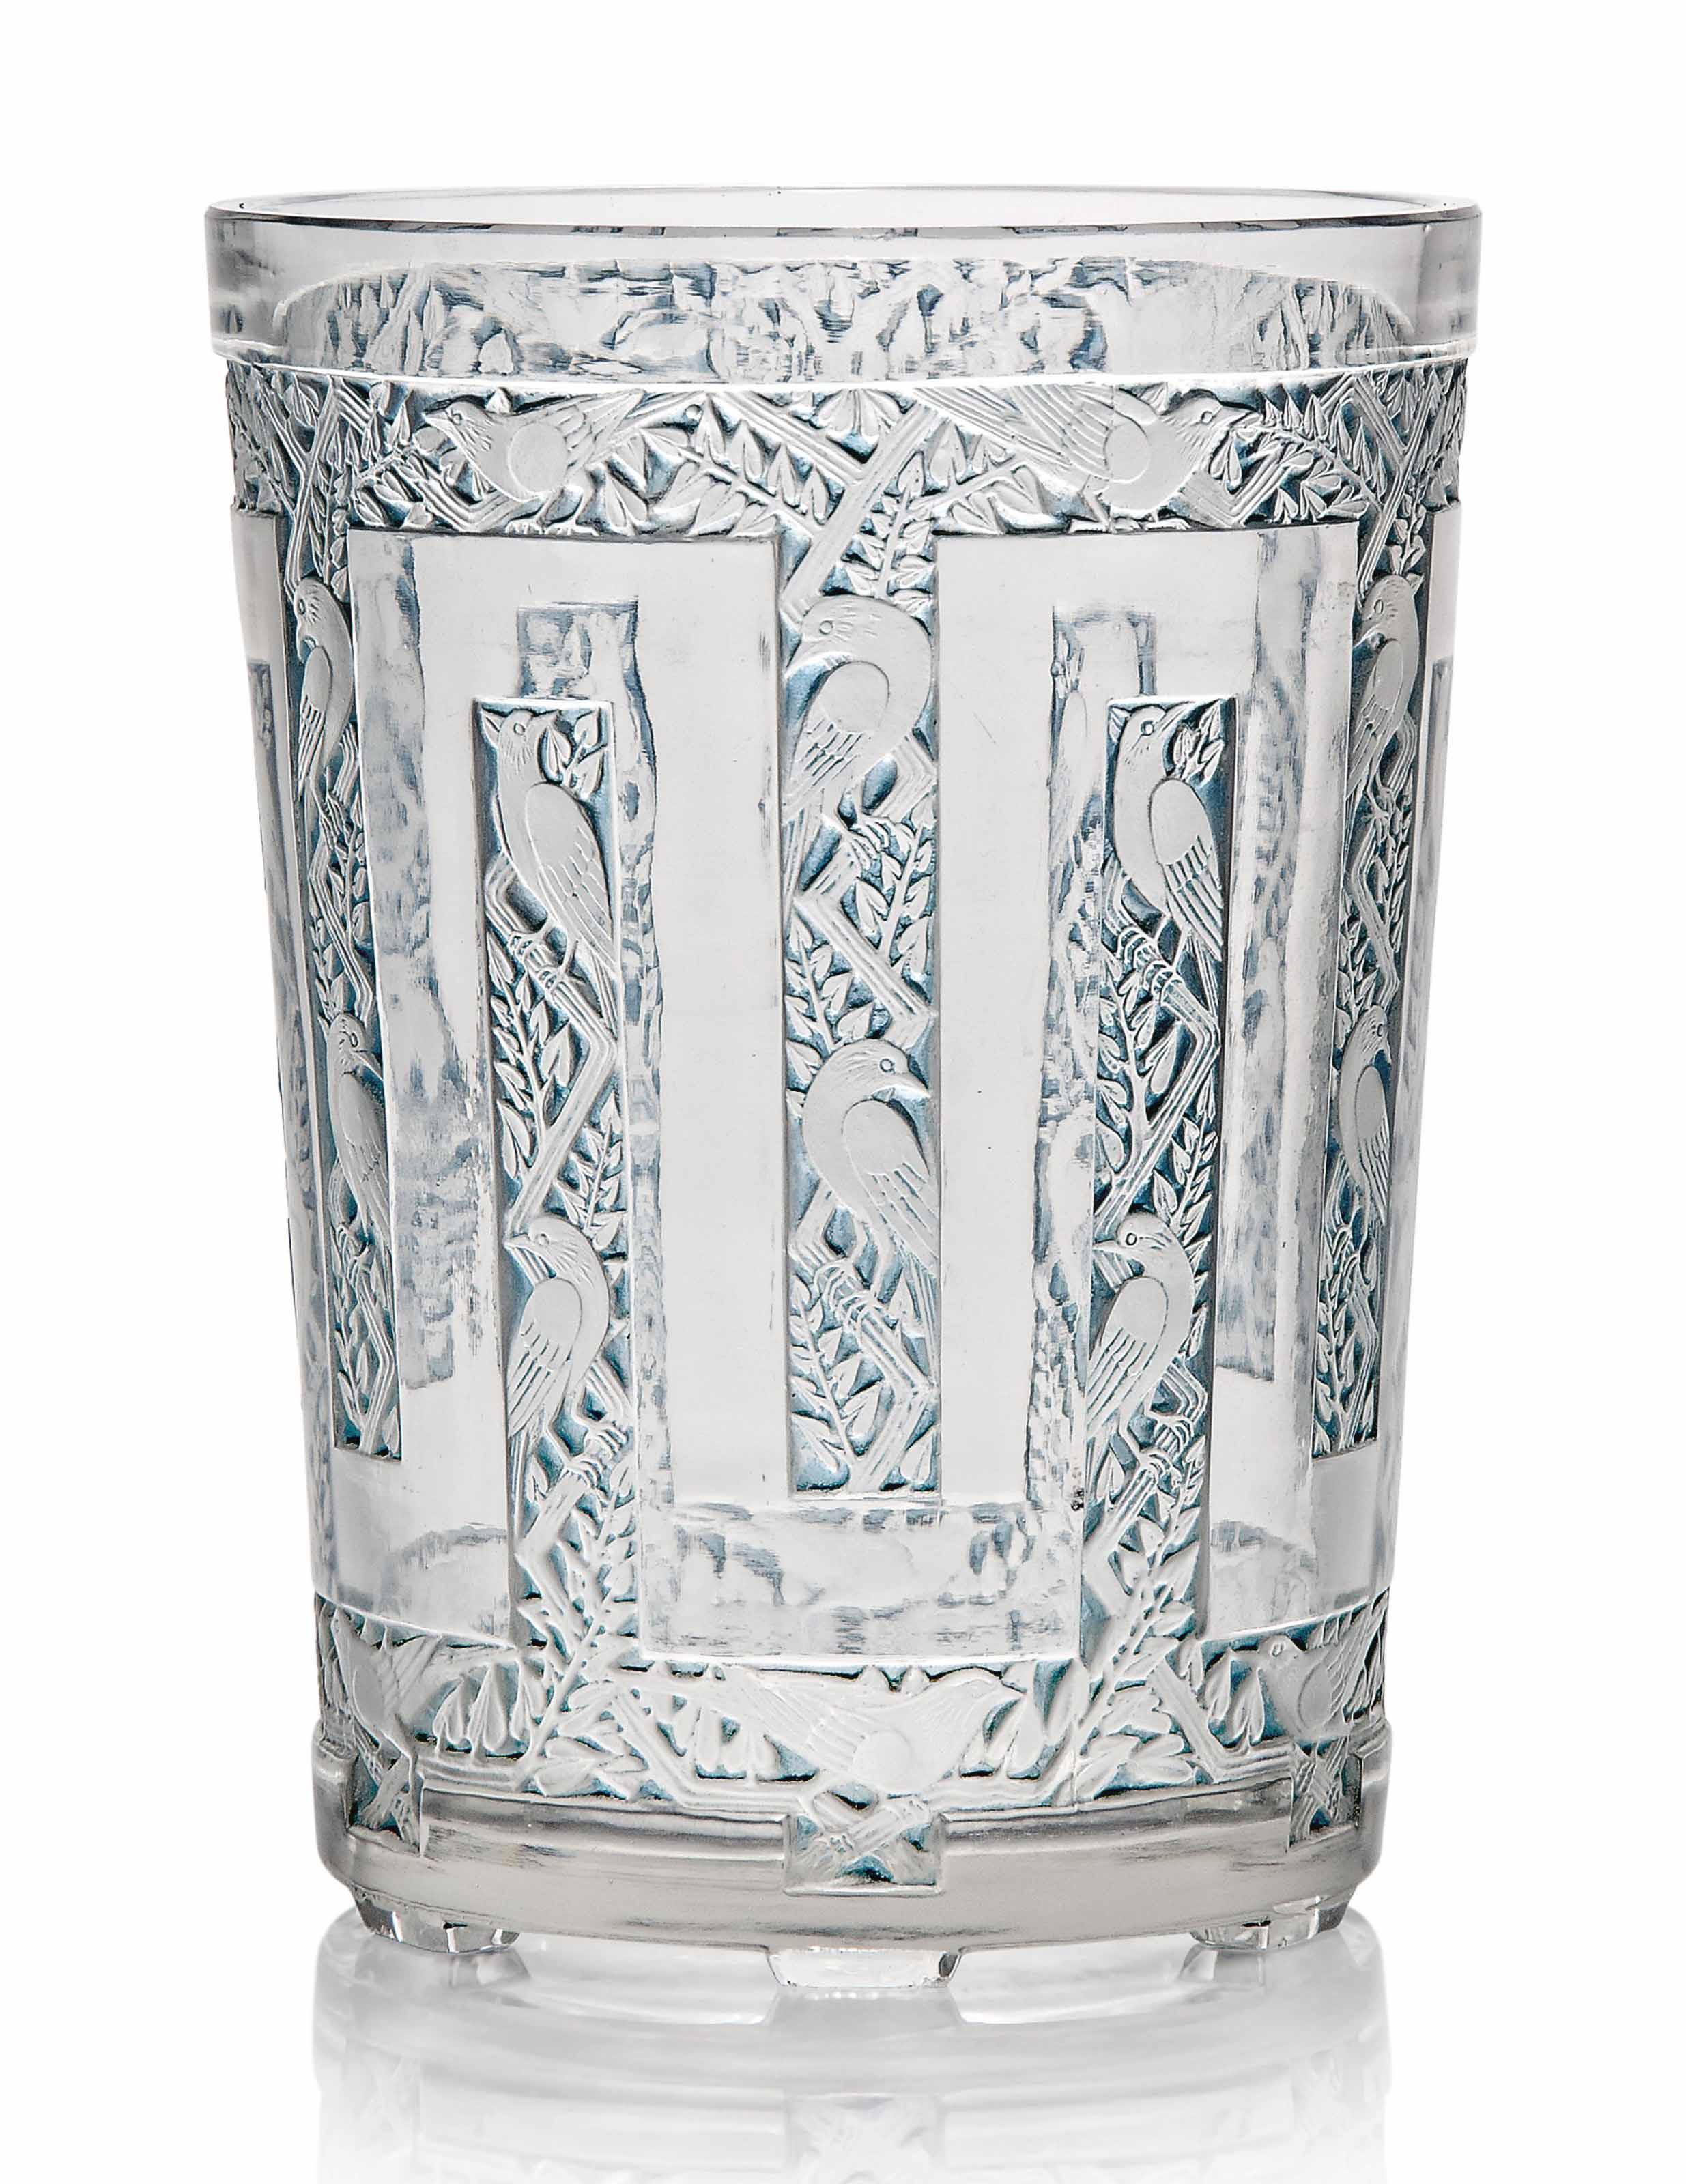 A 'Grimpereaux' Vase, No. 987